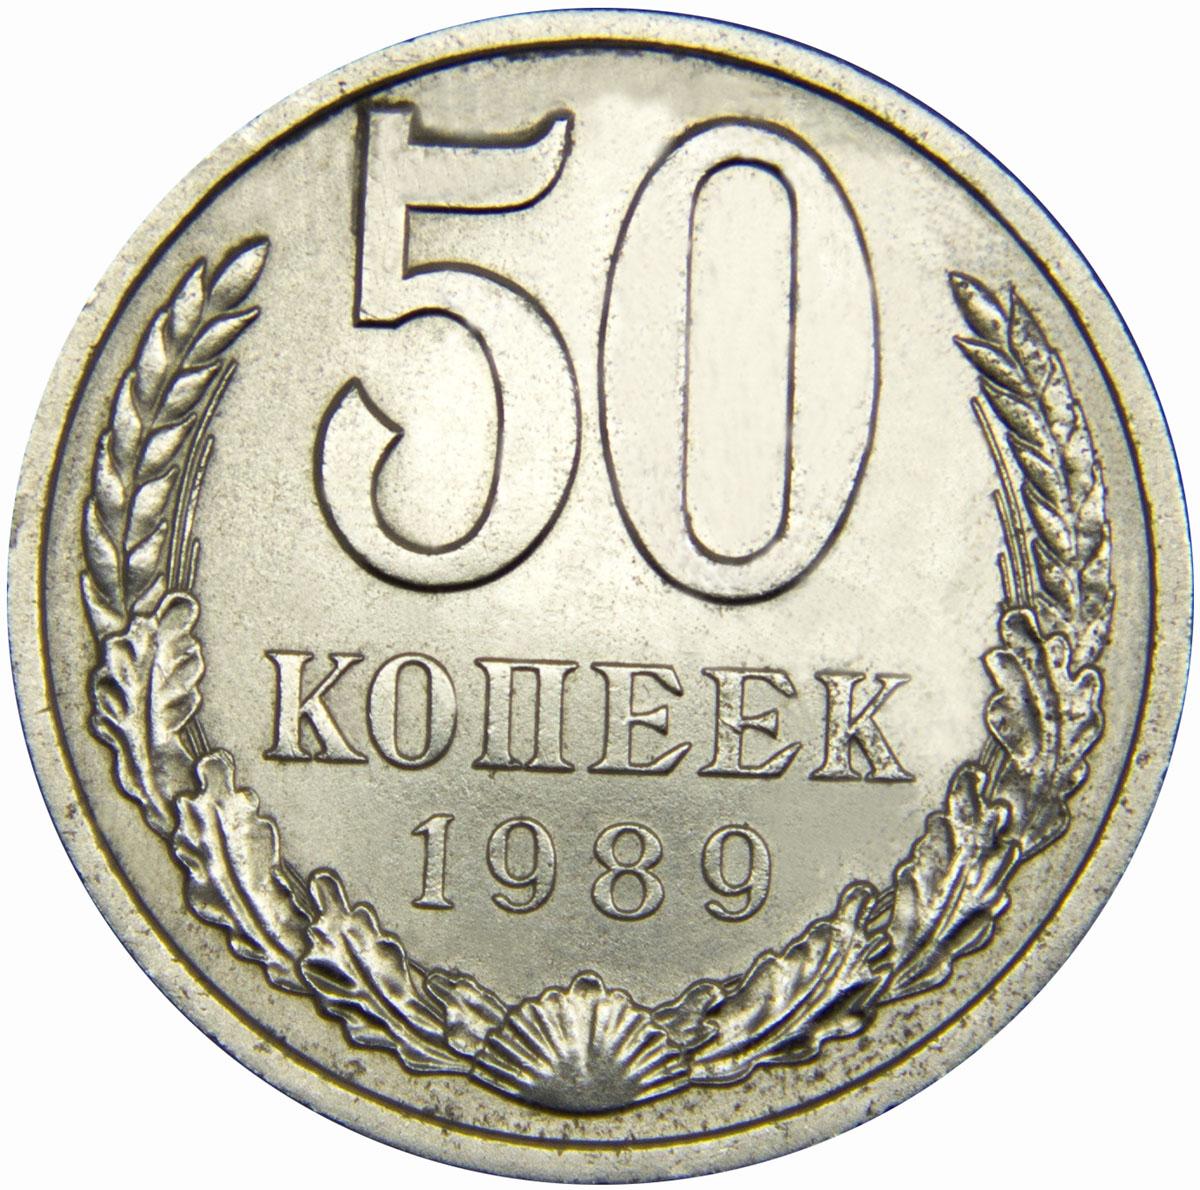 Монета номиналом 50 копеек. Медно-никелевый сплав. Сохранность VF. СССР, 1989 год